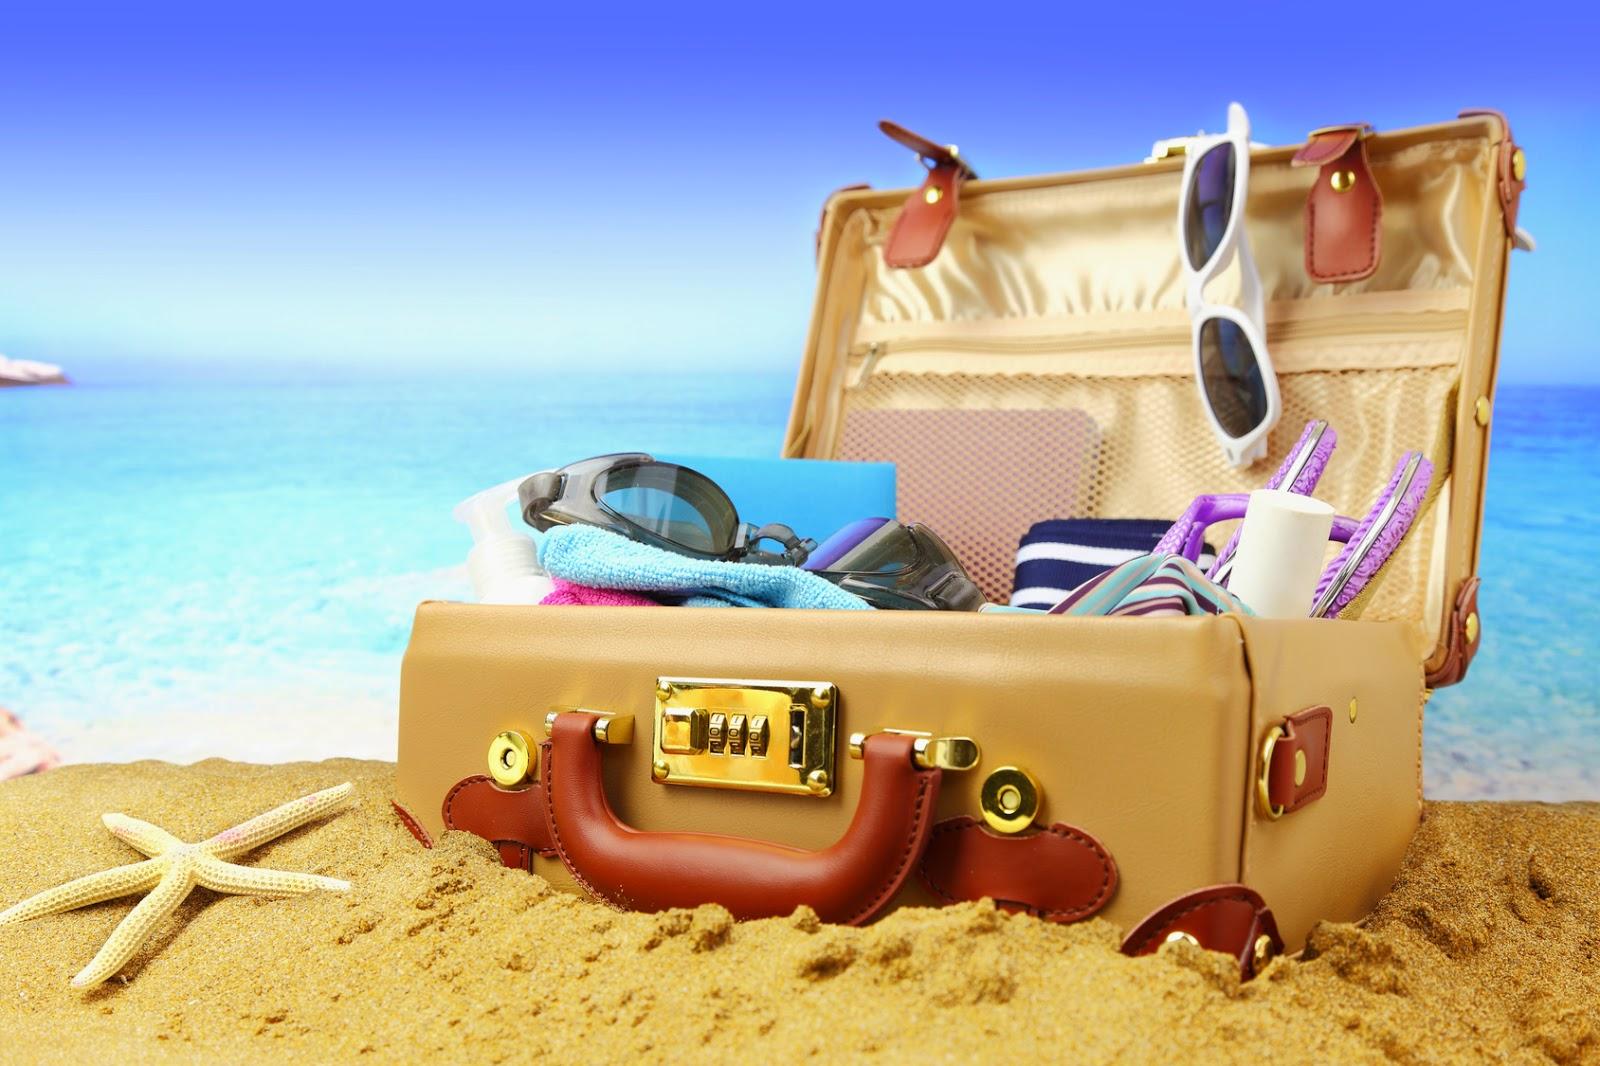 смешные картинки про отпуск и деньги нужно научиться различным